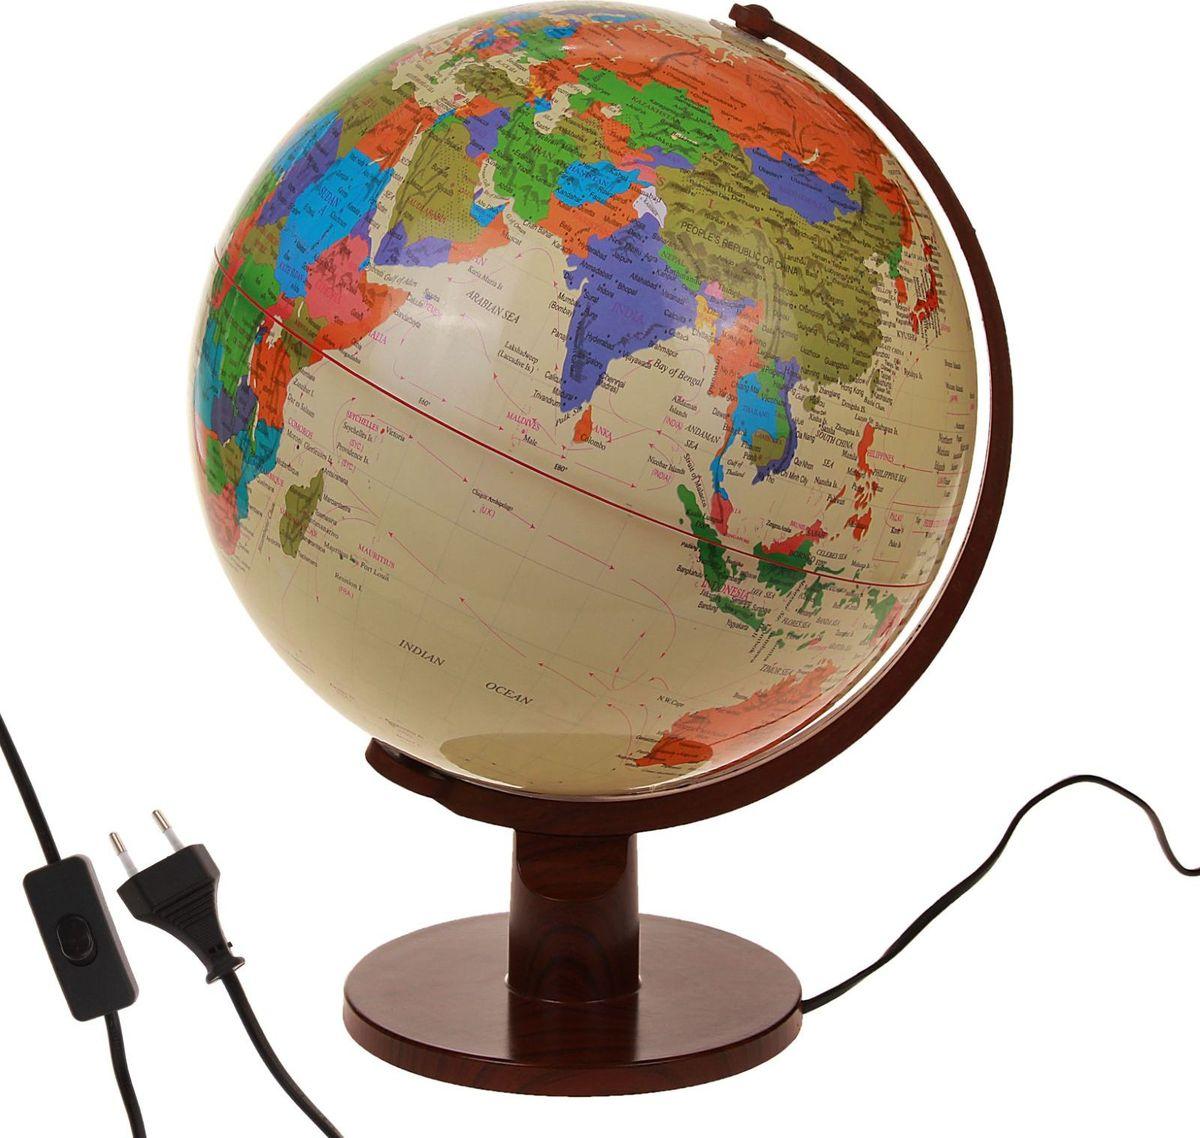 Глобус Политическая карта на английском языке диаметр 32 смFS-00897Данная модель дает представление о политическом устройстве мира. Макет показывает расположение государств, столиц и крупных населенных пунктов. Названия всех объектов приведены на английском языке. Страны окрашены в разные цвета, чтобы вам было удобнее ориентироваться. На глобусе также отображены: экватор параллели меридианы градусы государственные границы демаркационные линии.Используйте изделие как ночник. Он оснащен мягкой, приглушенной LED-подсветкой. Характеристики Высота глобуса с подставкой: 45 см. Диаметр: 32 см. Масштаб: 1:40 000 000.Изготовлен из прочного пластика.